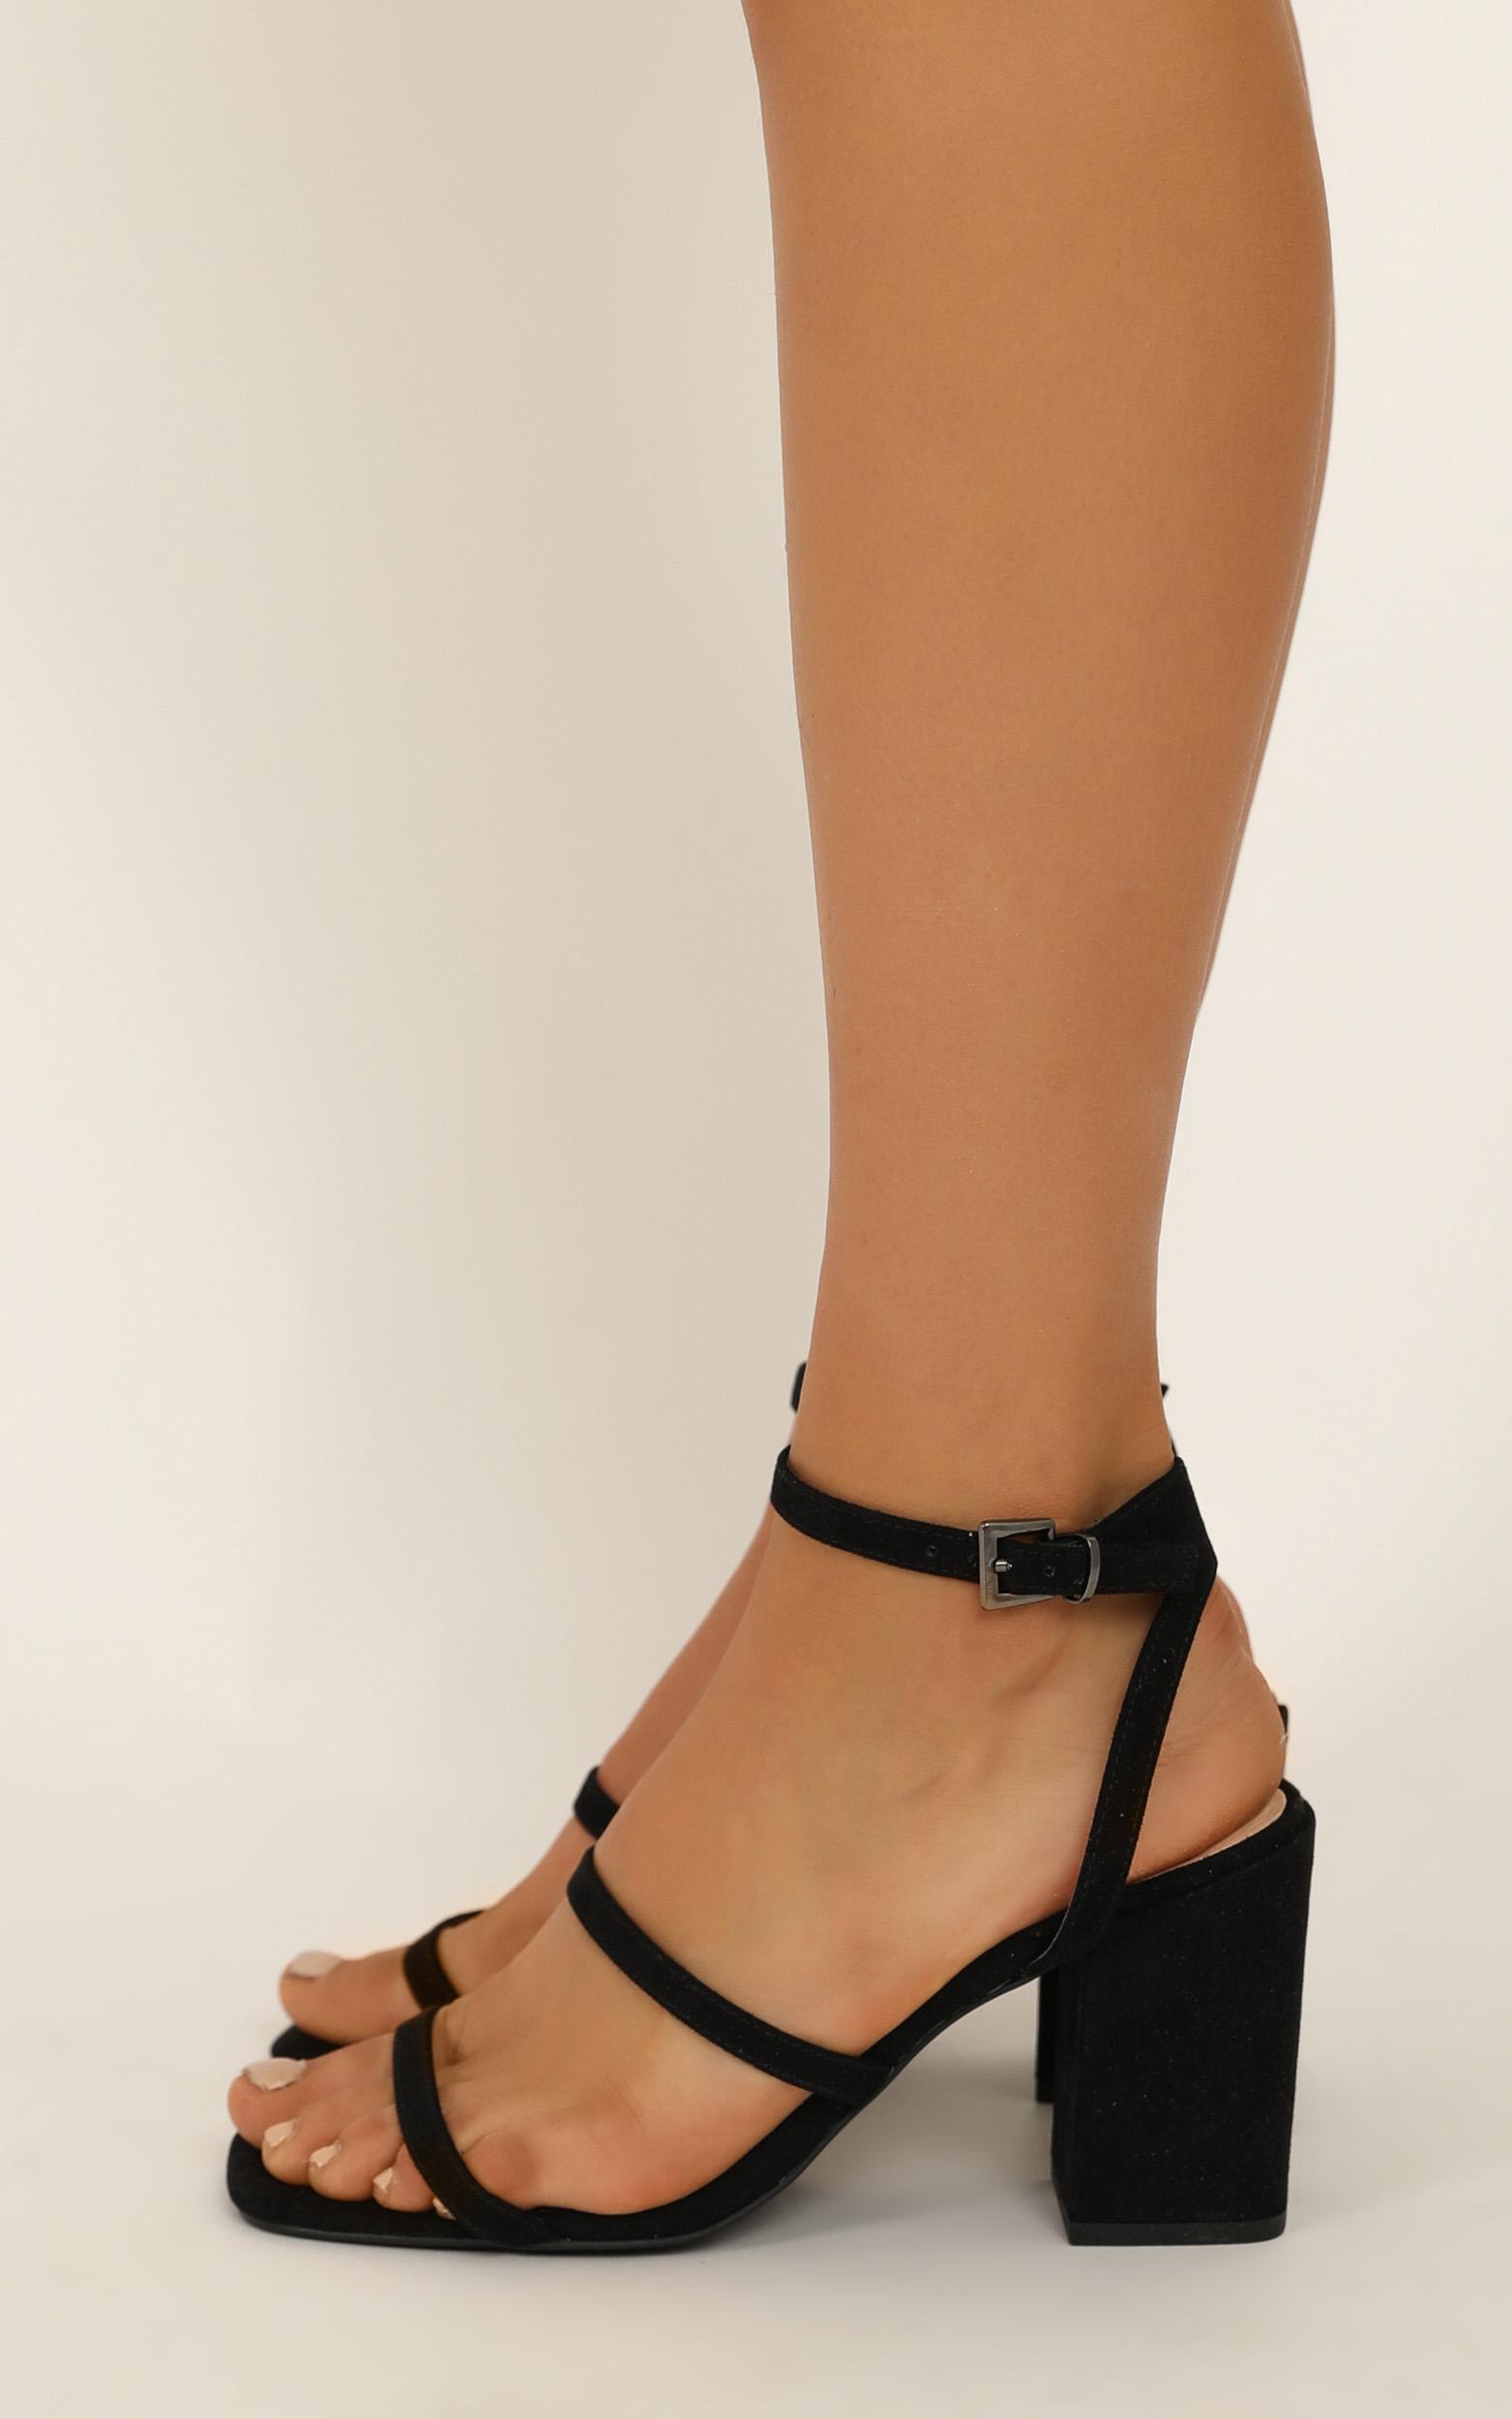 Verali - Georgia heels in black micro - 10, Black, hi-res image number null